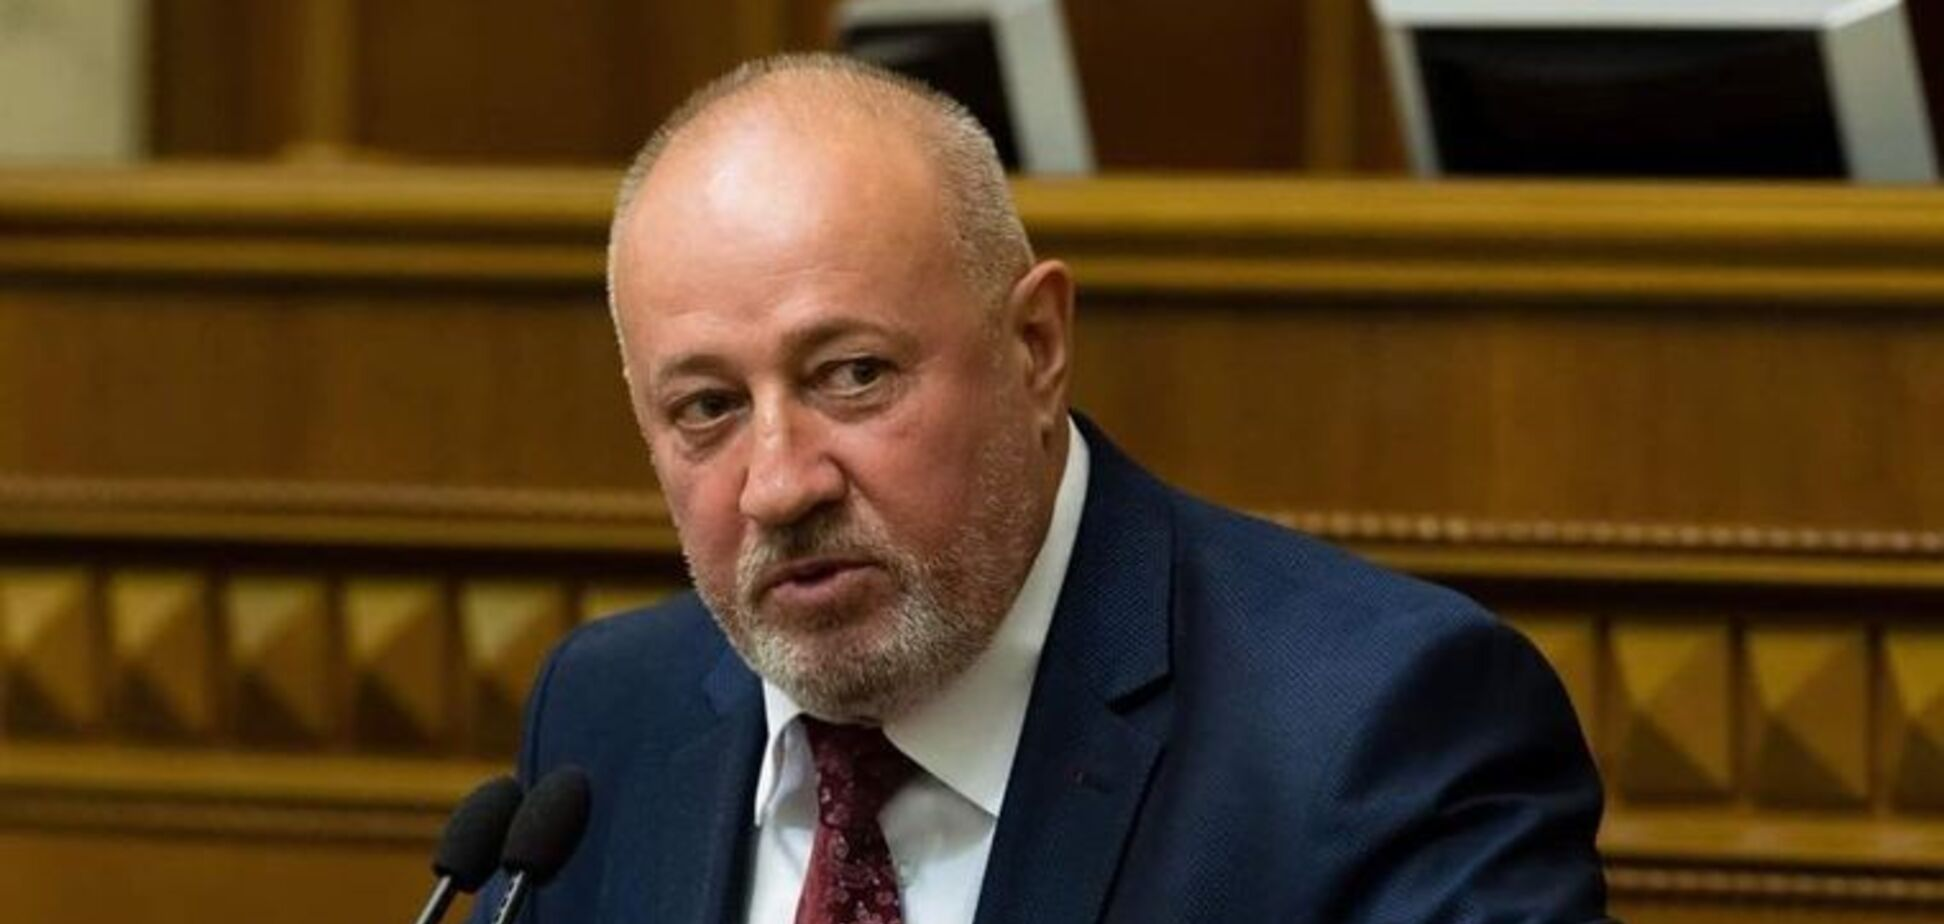 Рябошапка уволил главного военного прокурора Украины: выяснилась причина